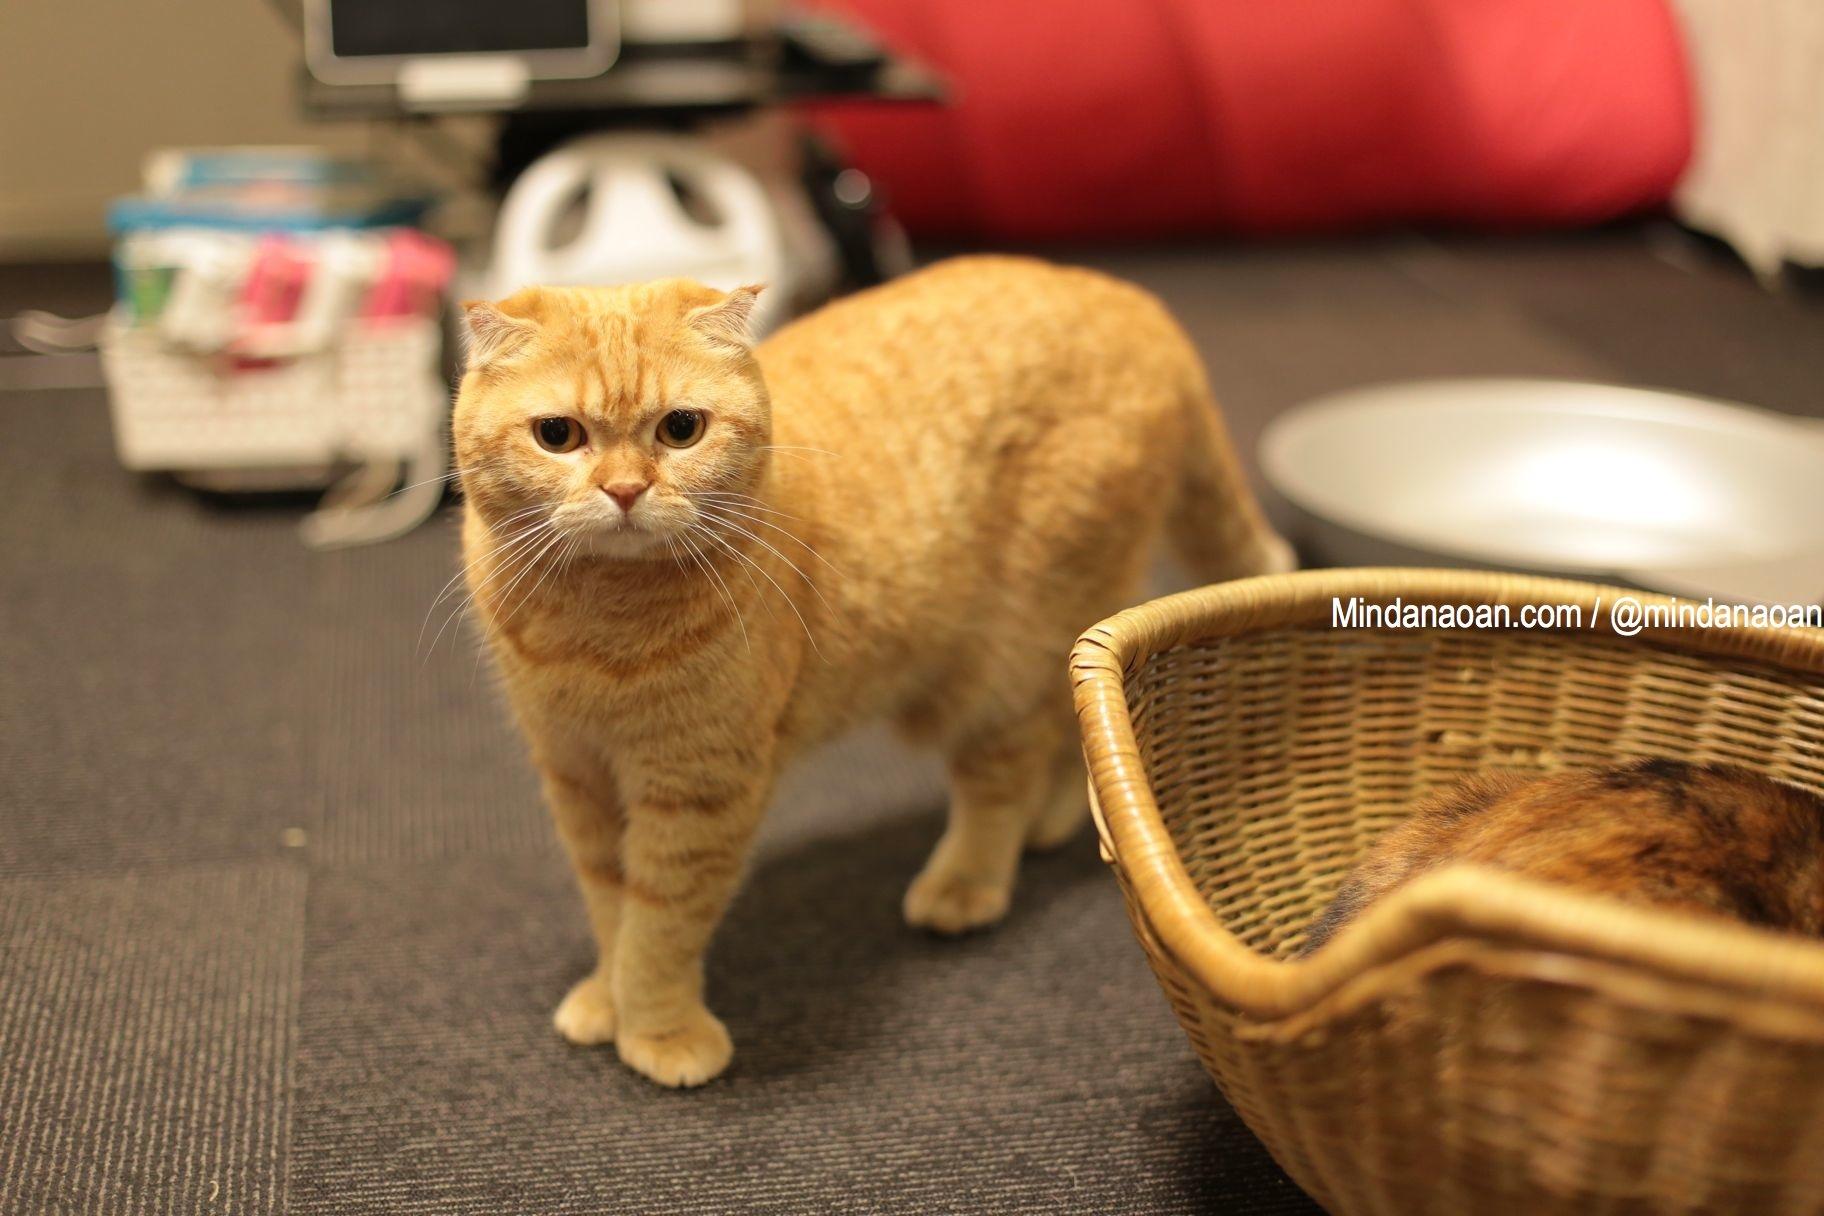 calico-cat-cafe-tokyo-calico cat cafe tokyo 1